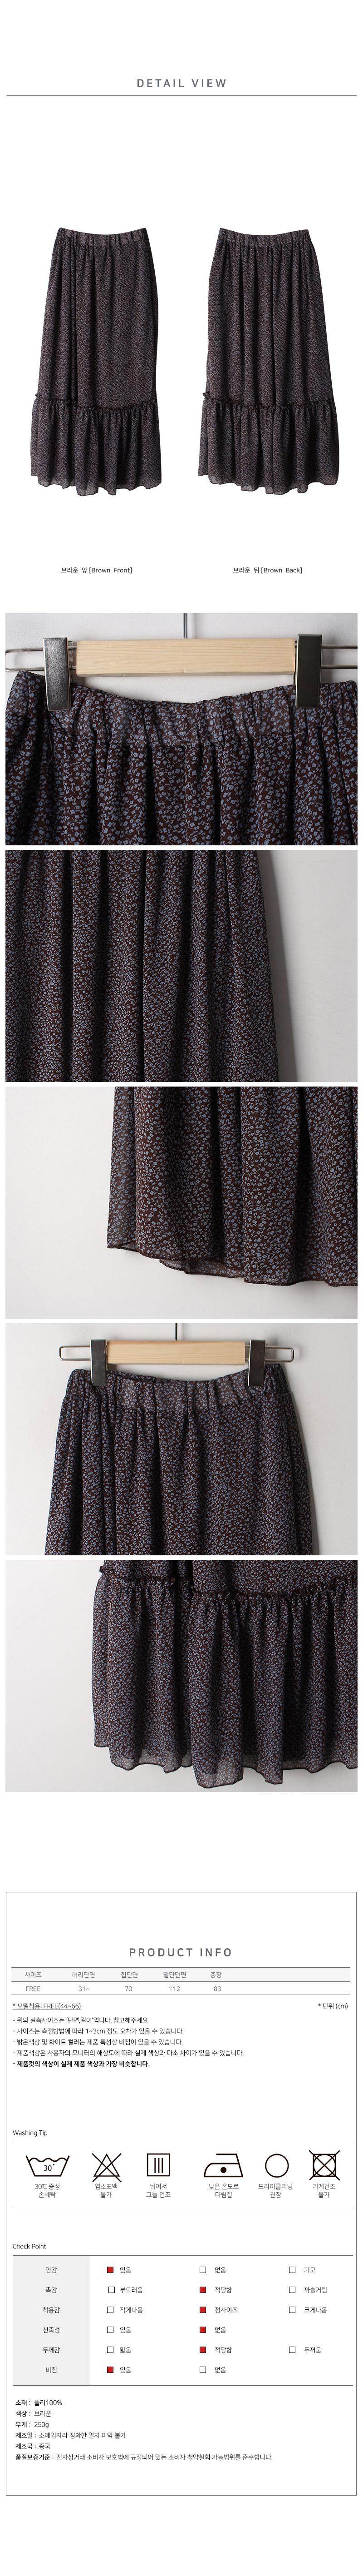 Royel Twig Chiffon Skirt